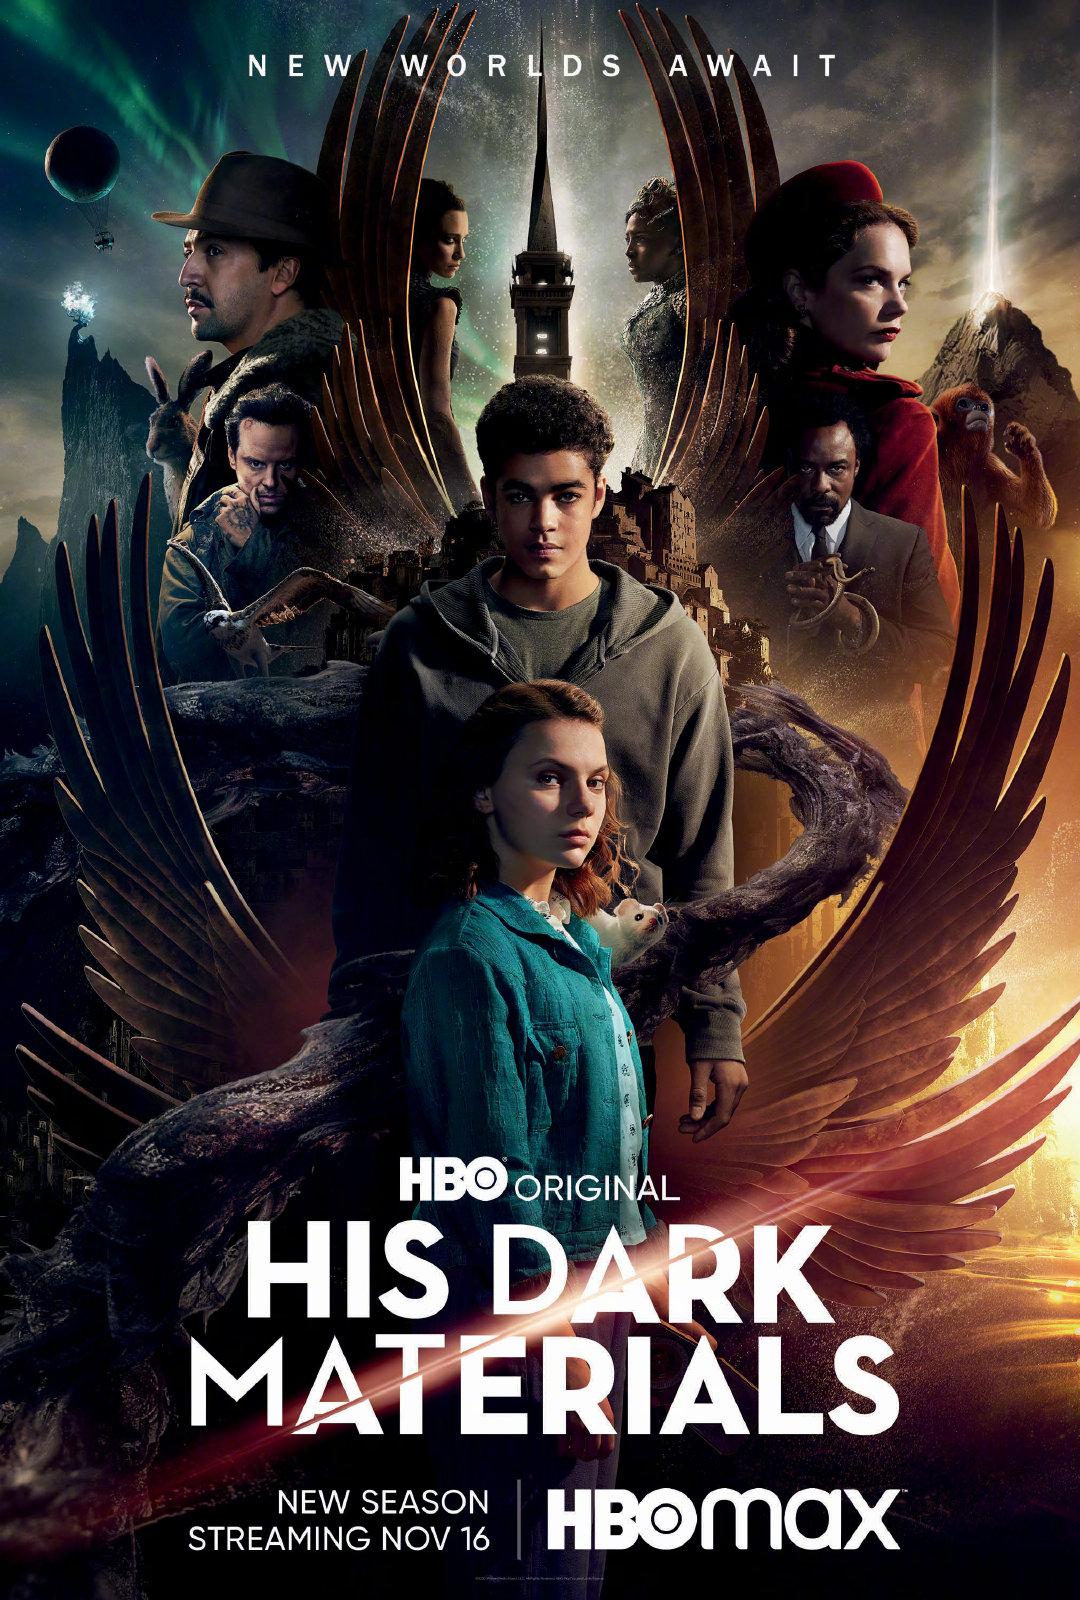 史上最贵英剧《黑暗物质》第二季将于11月16日回归